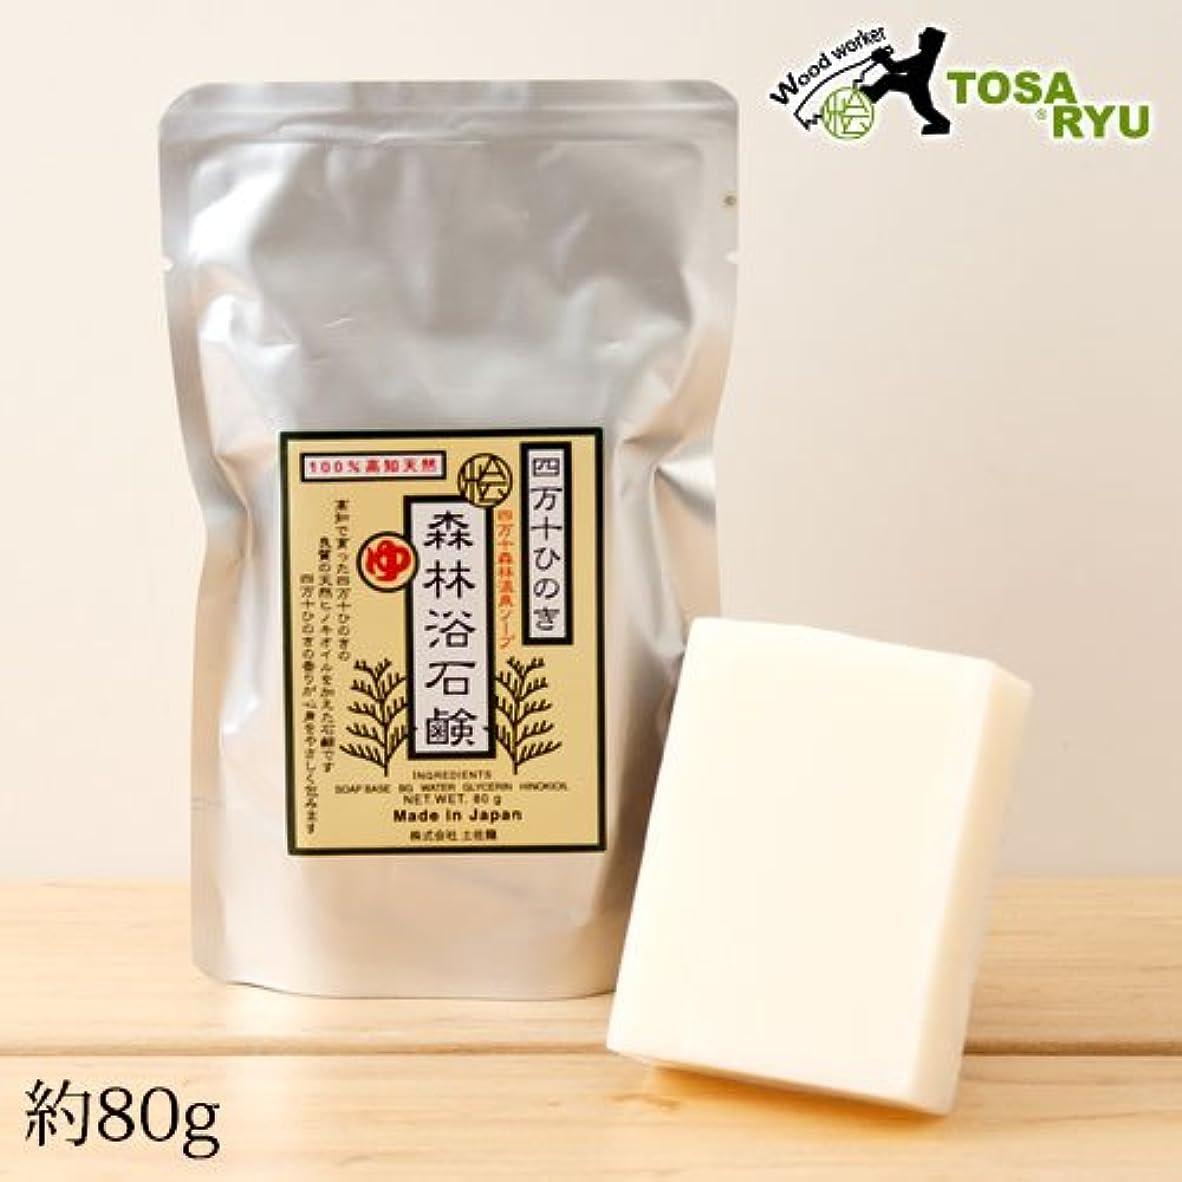 乏しいブレーキアンプ土佐龍四万十森林温泉石鹸ひのきの香りのアロマソープ高知県の工芸品Aroma soap scent of cypress, Kochi craft